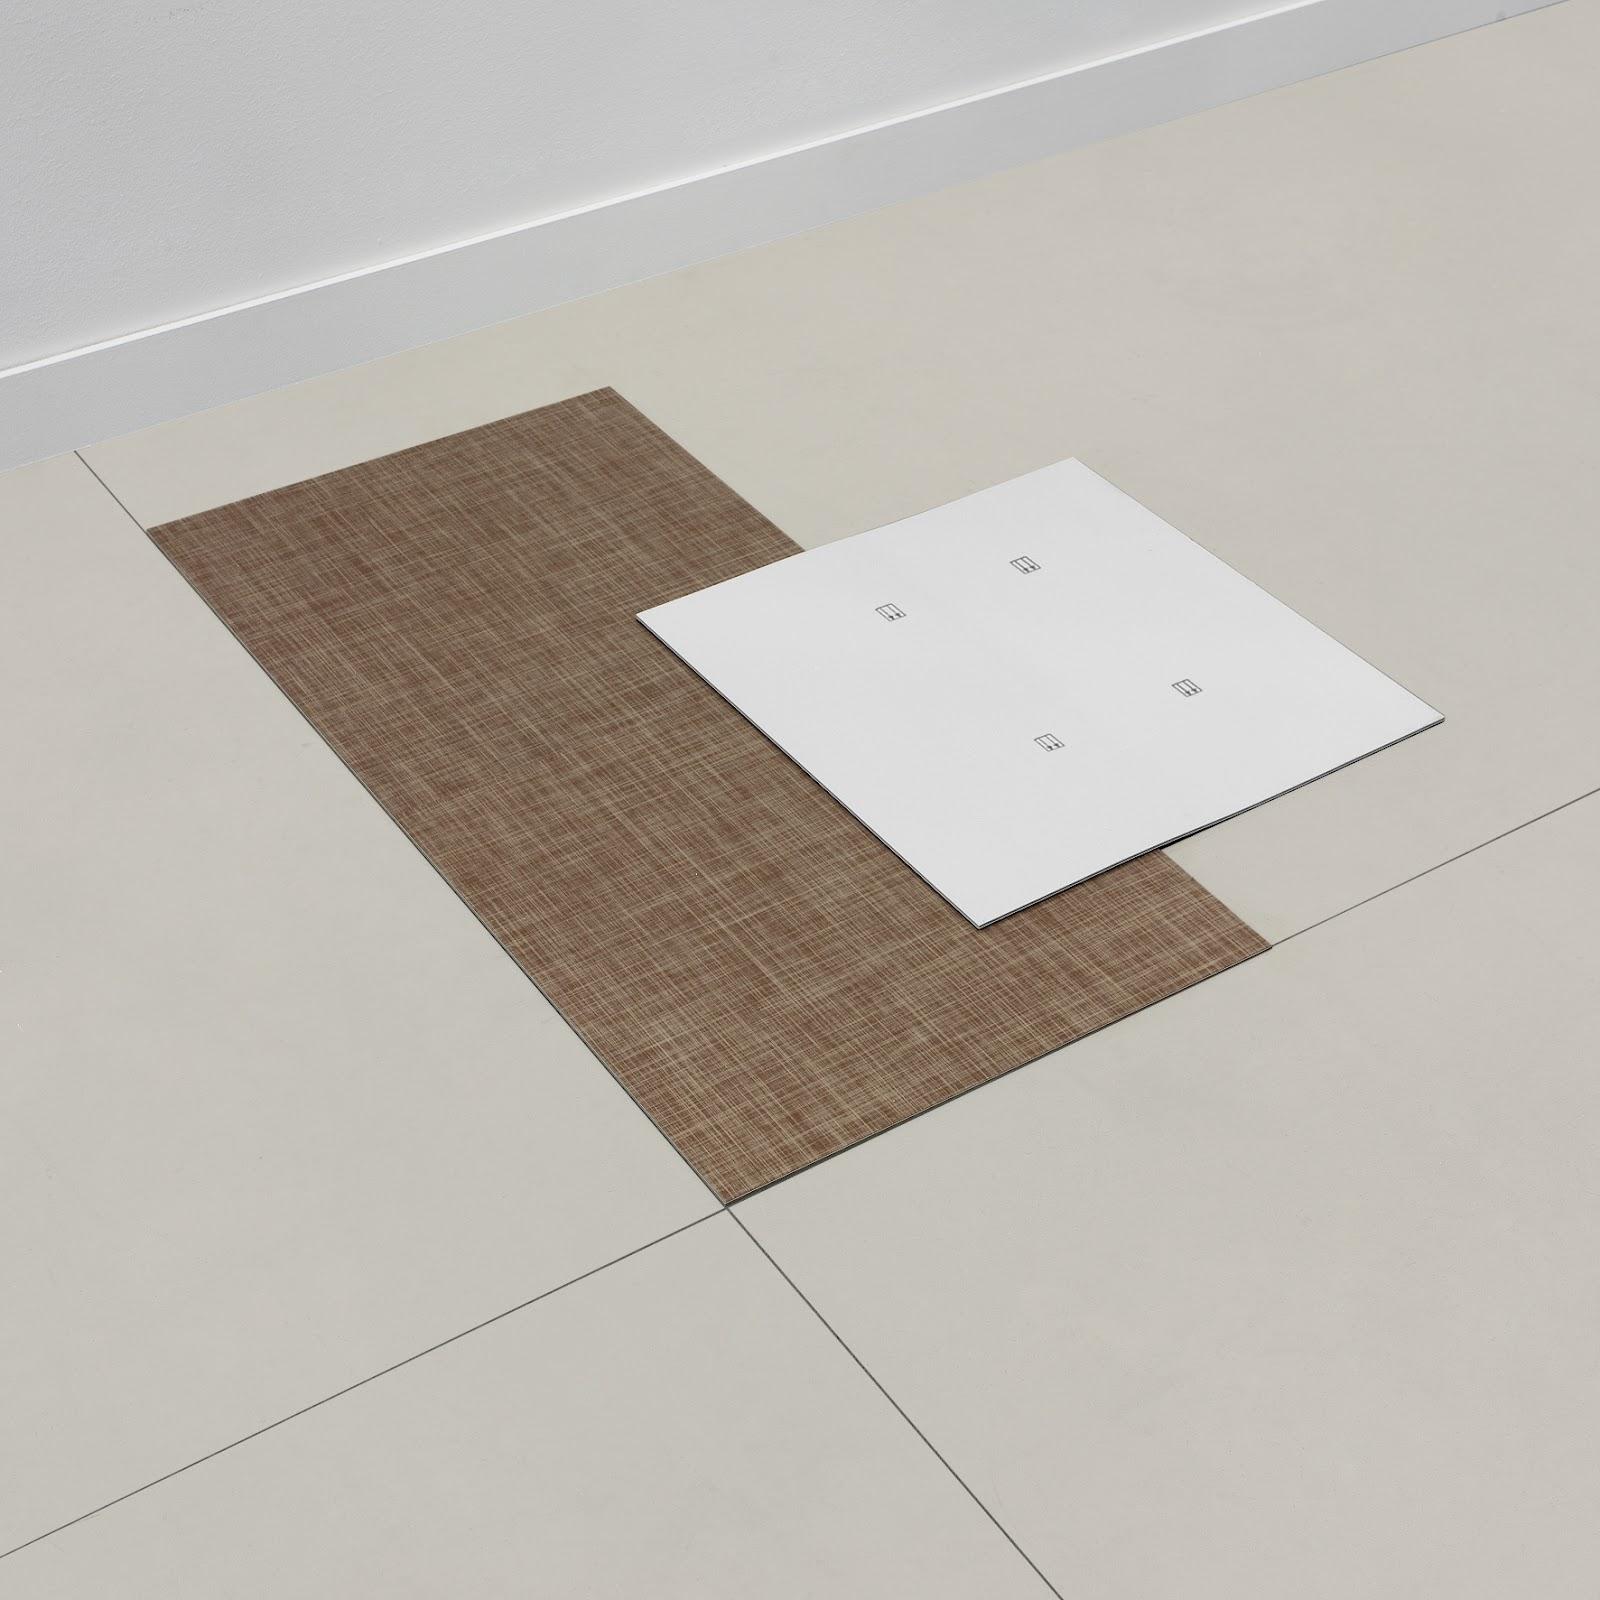 Manual de instalaci n de pavimentos calefacci n bajo - Linoleo pavimento ...